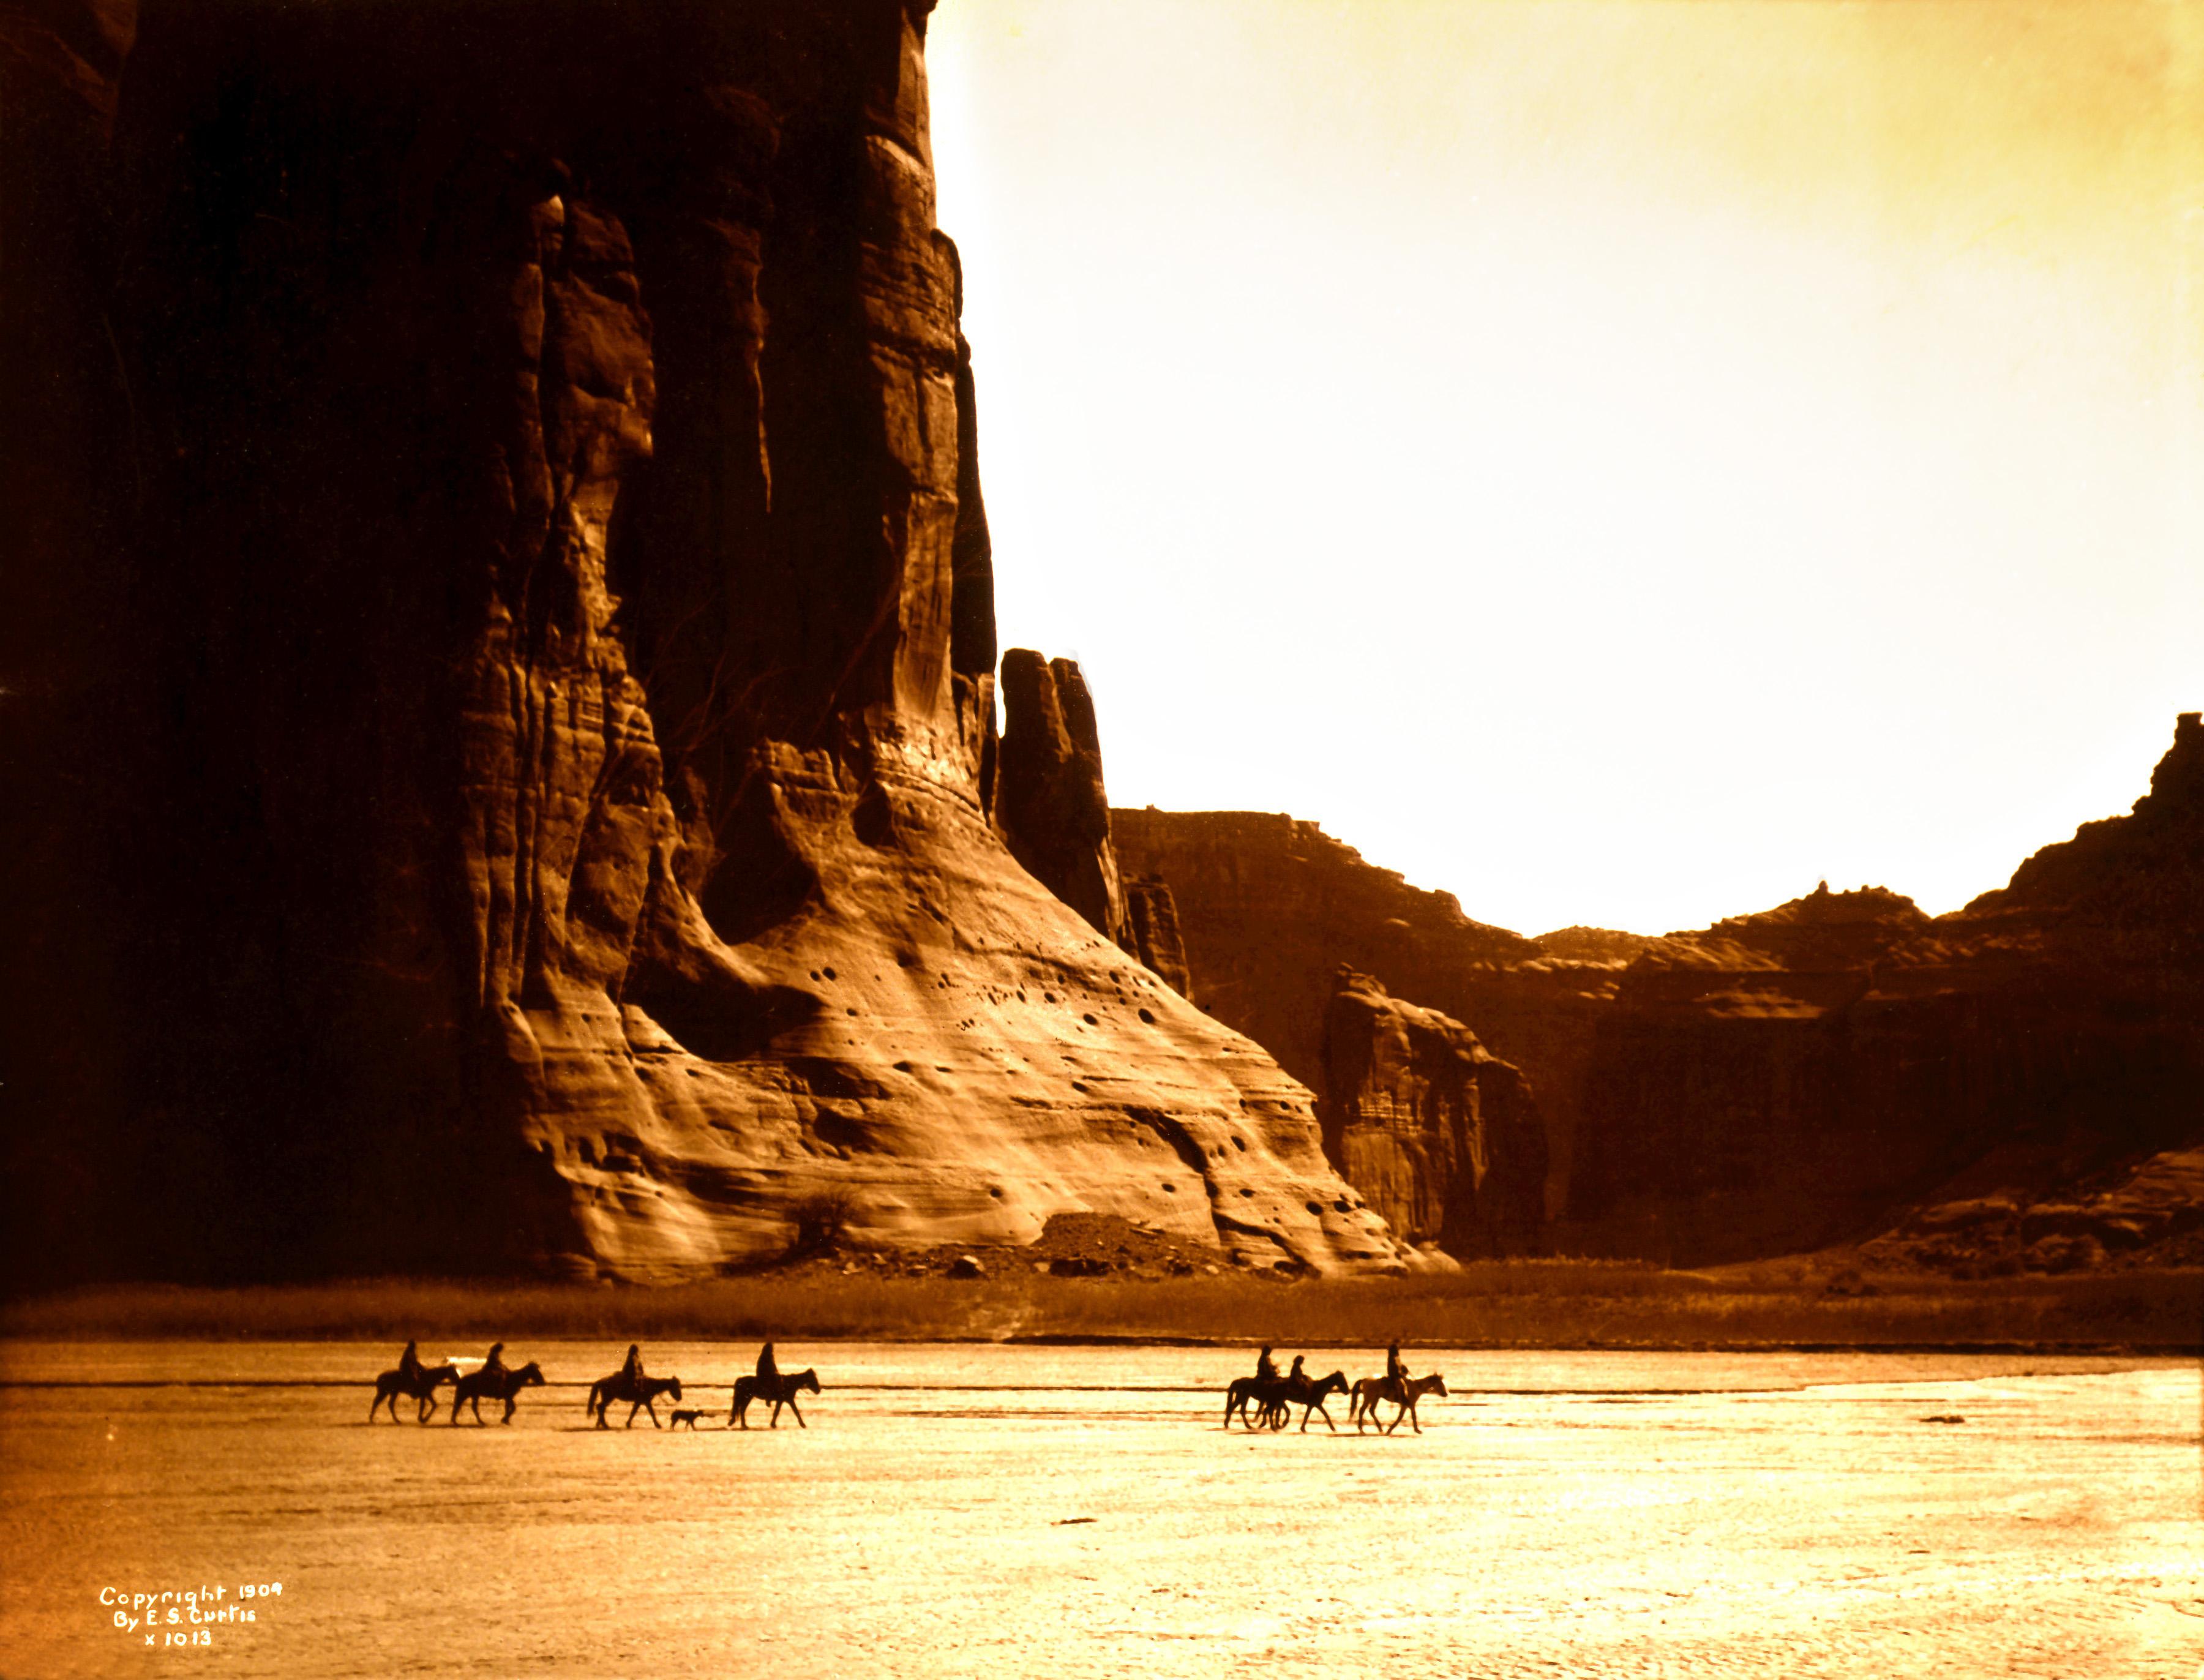 Edward_S._Curtis,_Canyon_de_Chelly,_Navajo,_1904